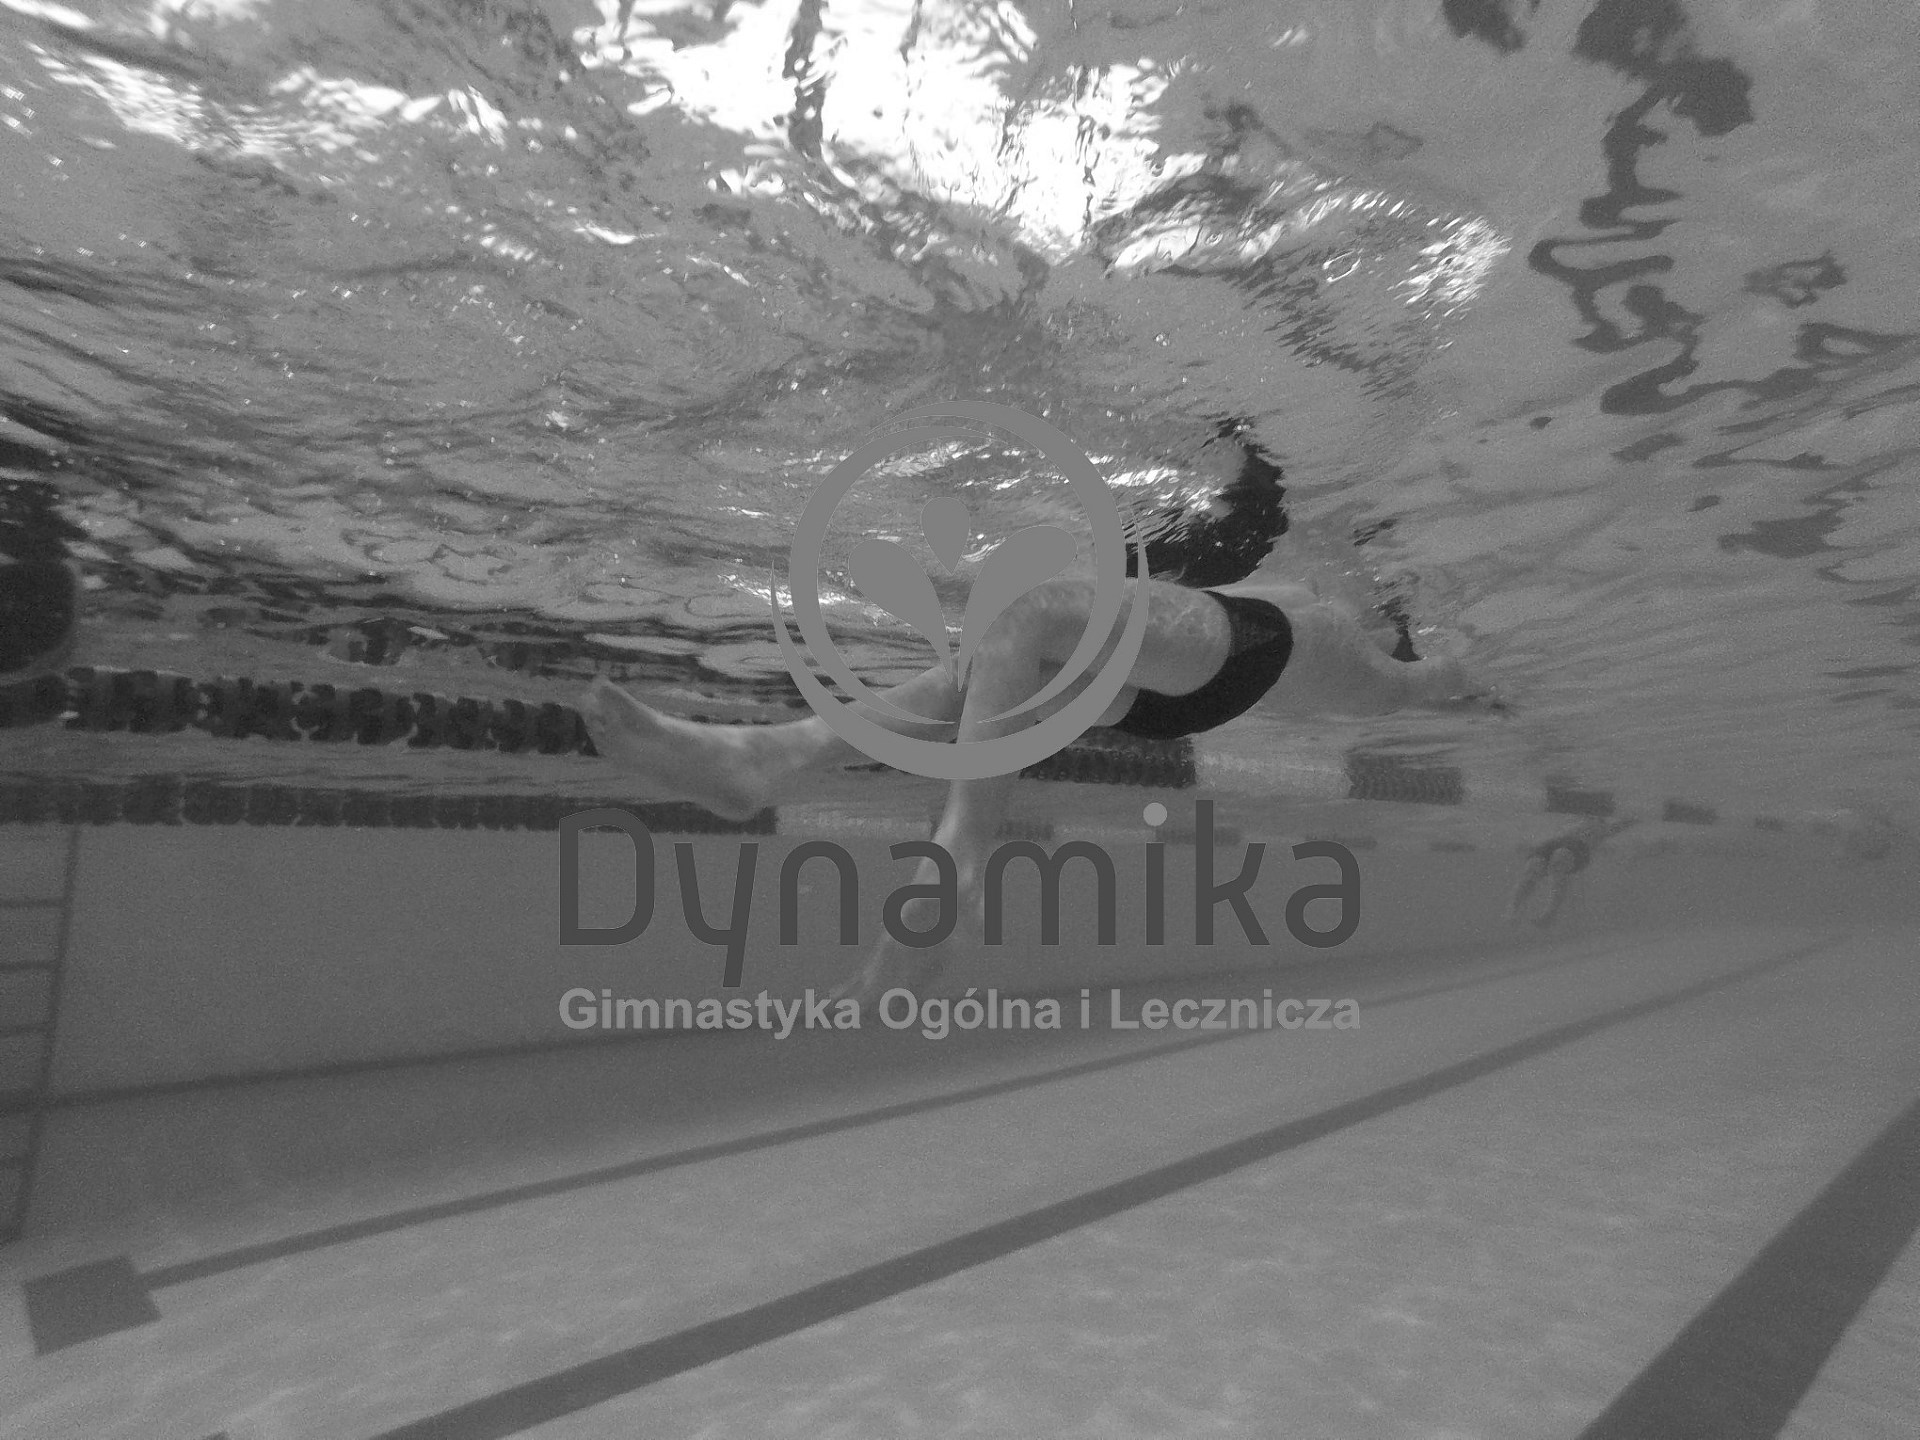 Zmiana nazwy Dynamika Gimnastyka